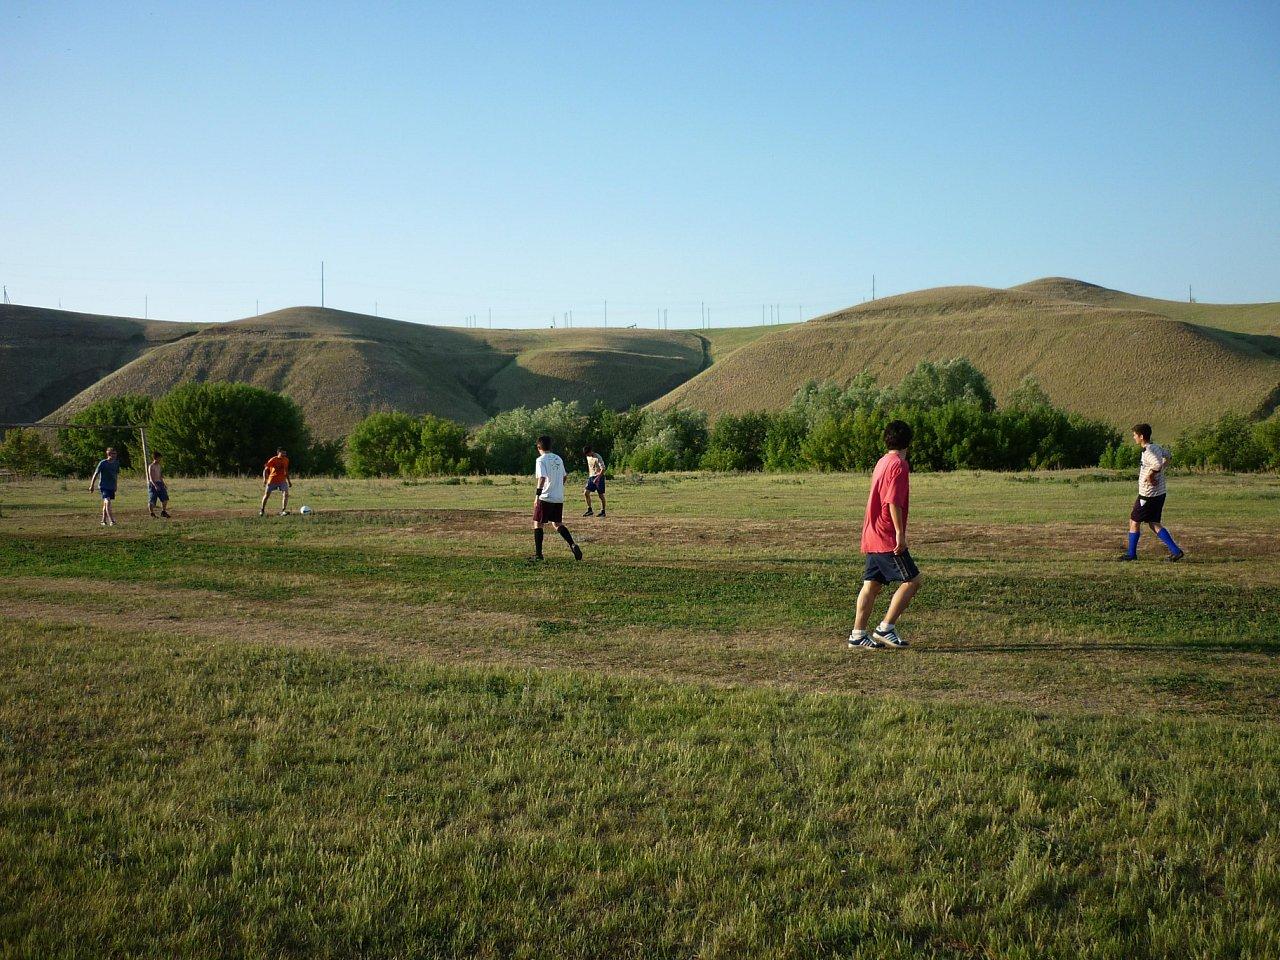 Футбольное детство в деревне : вместо штанг - пустые банки из-под краски, макушка головы вратаря - уровень перекладины